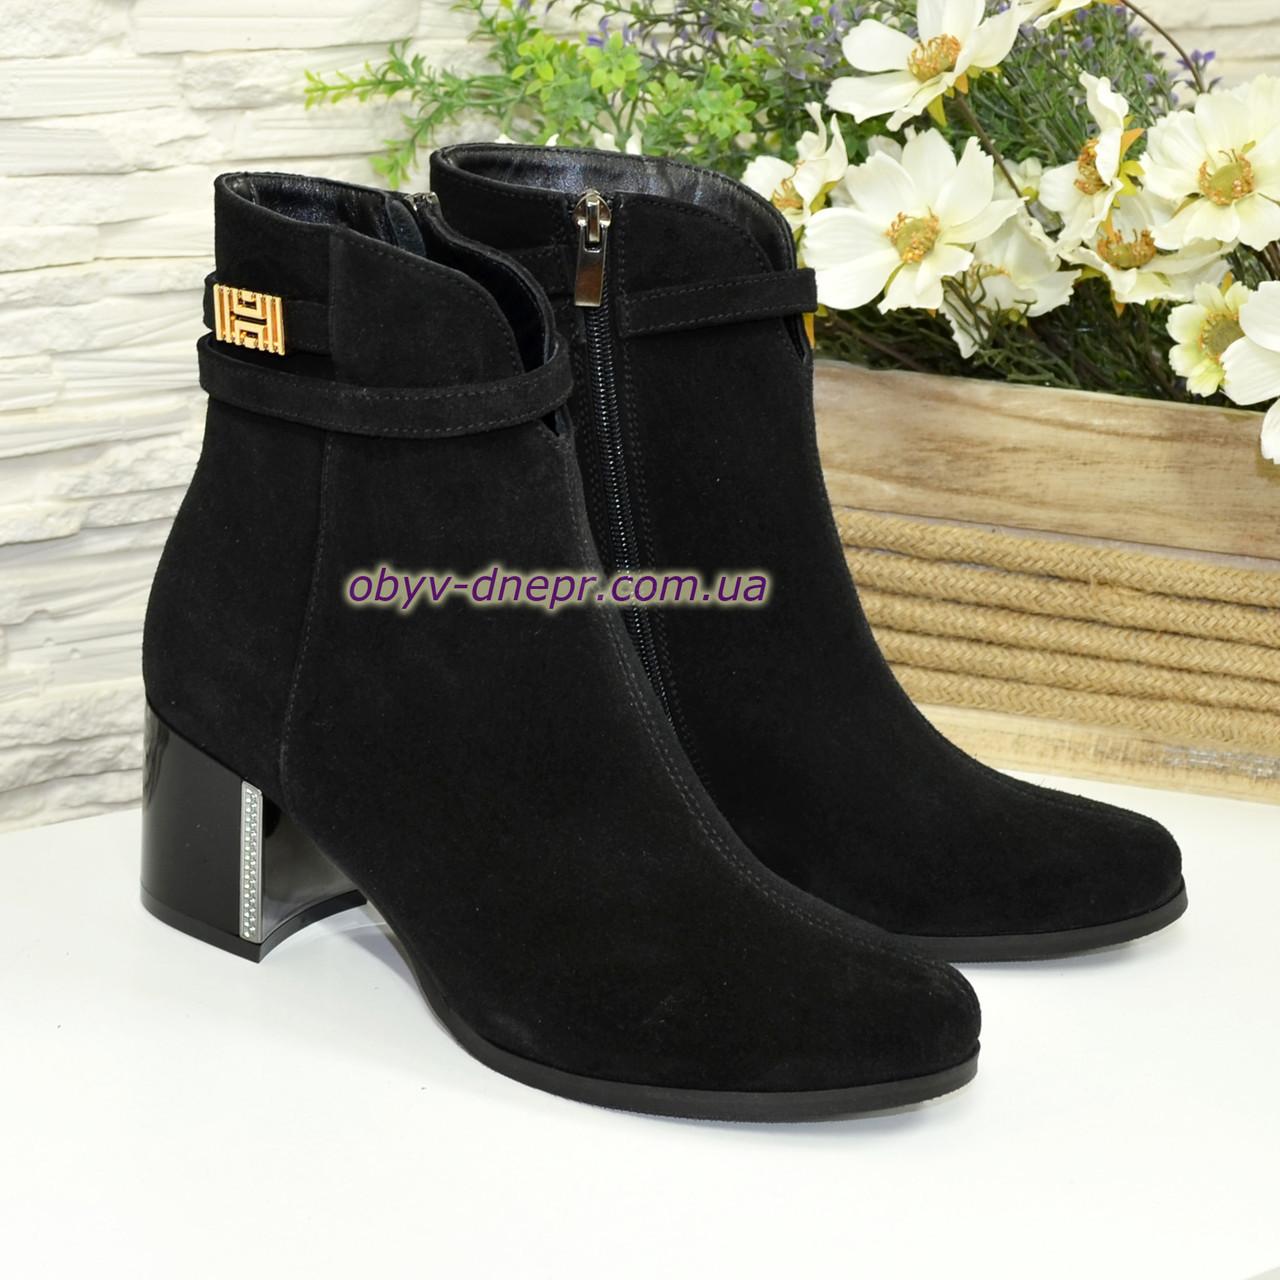 e64d9ea9a Полуботинки женские демисезонные на невысоком каблуке, из натуральной замши  черного цвета